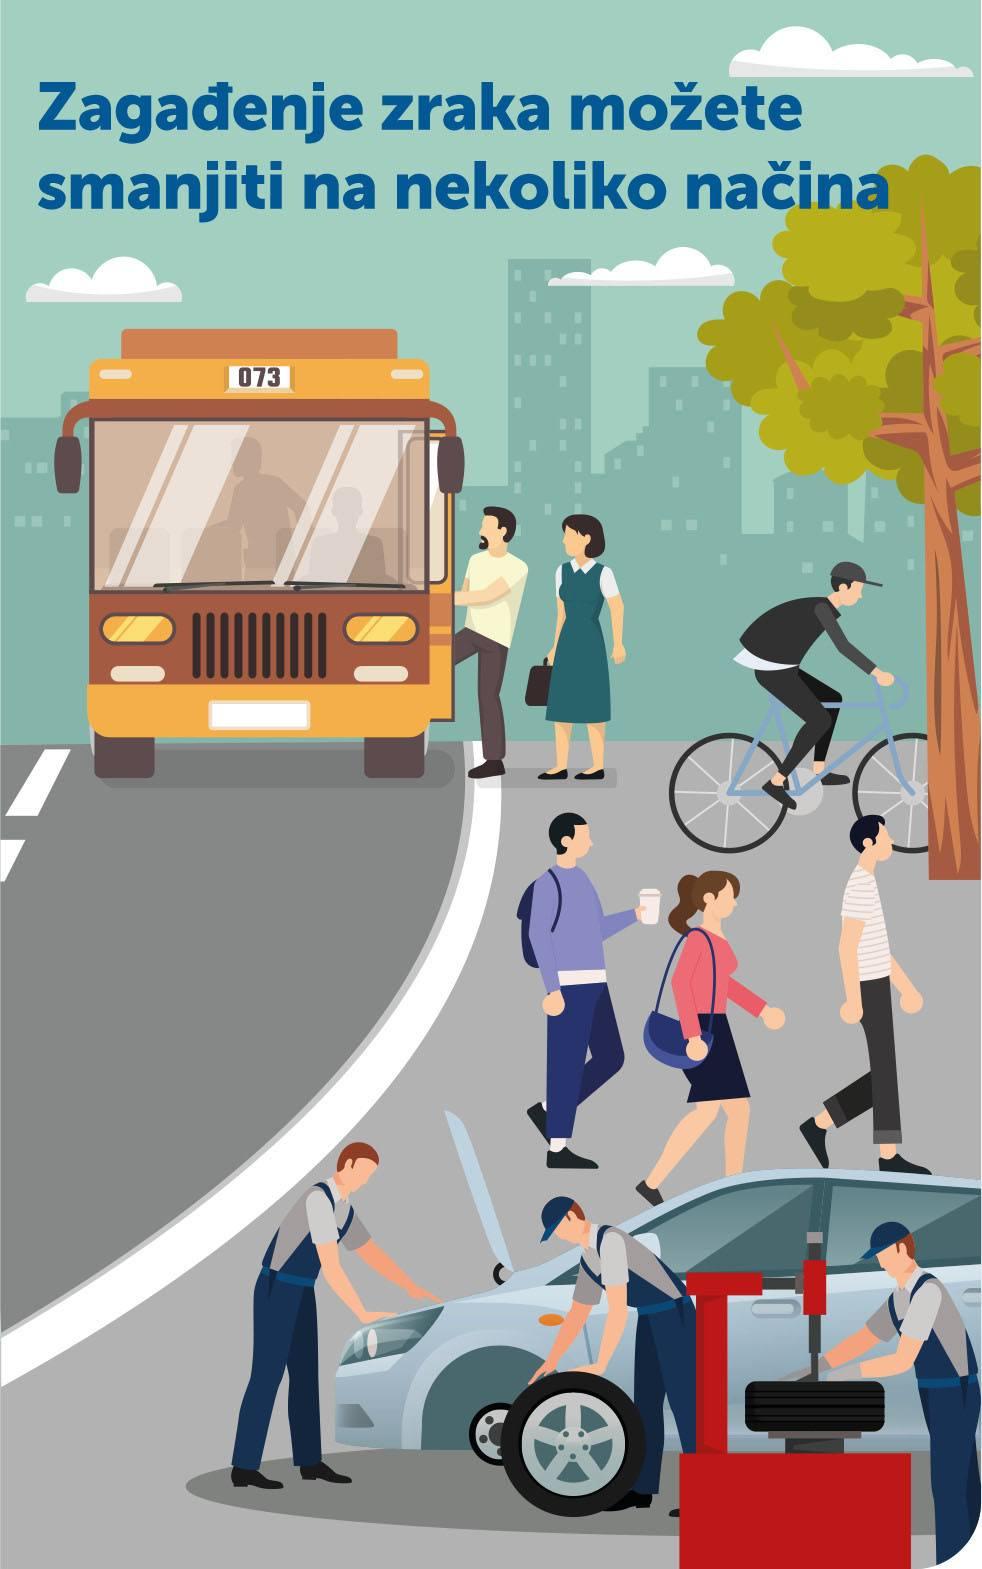 Savjeti za saobraćaj